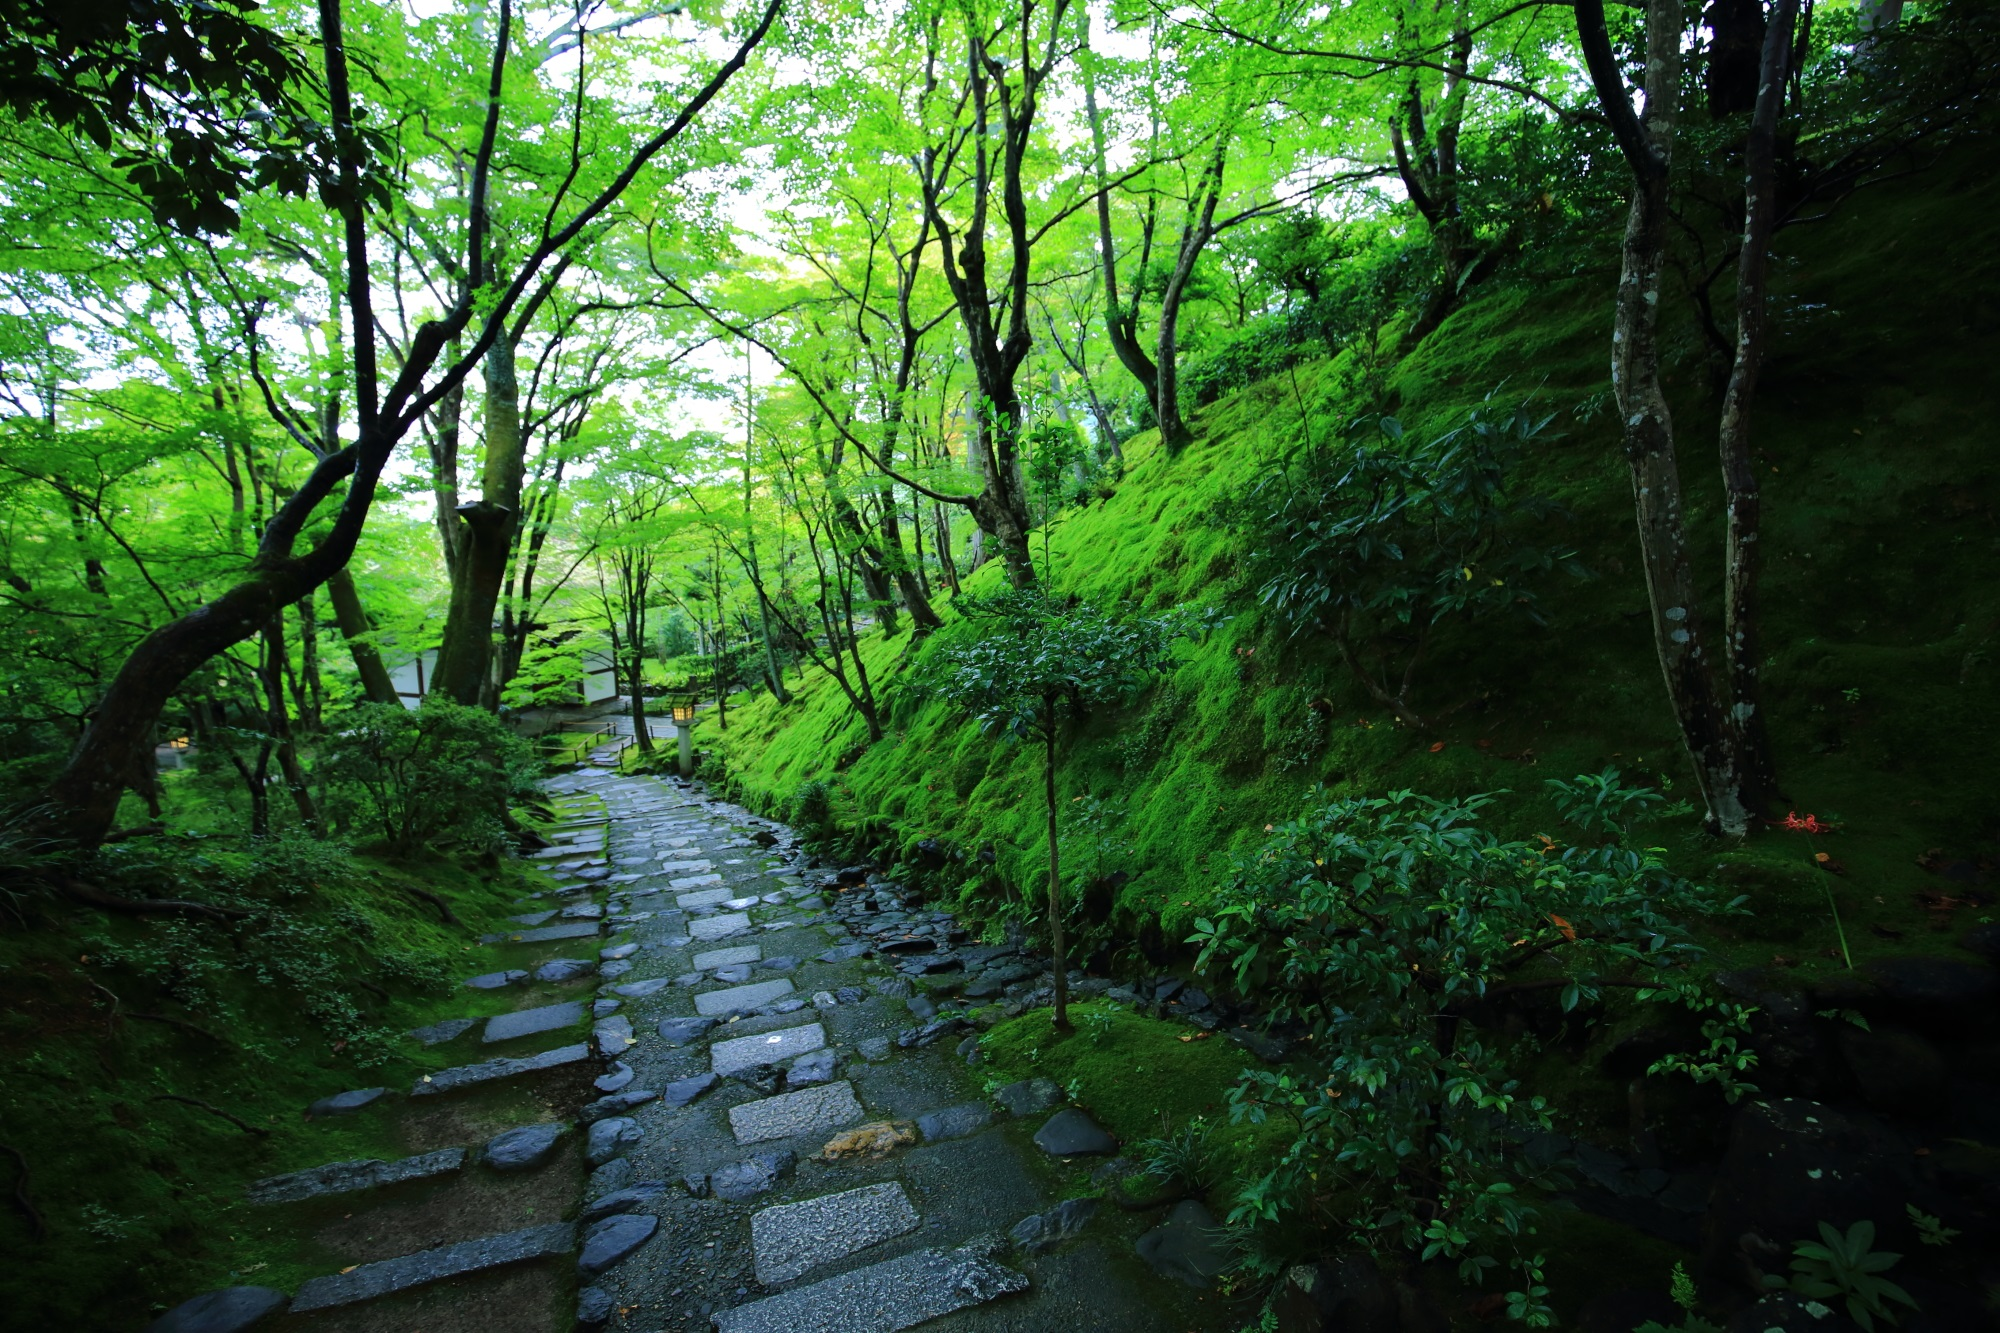 京都常寂光寺の末吉坂の絶品の苔